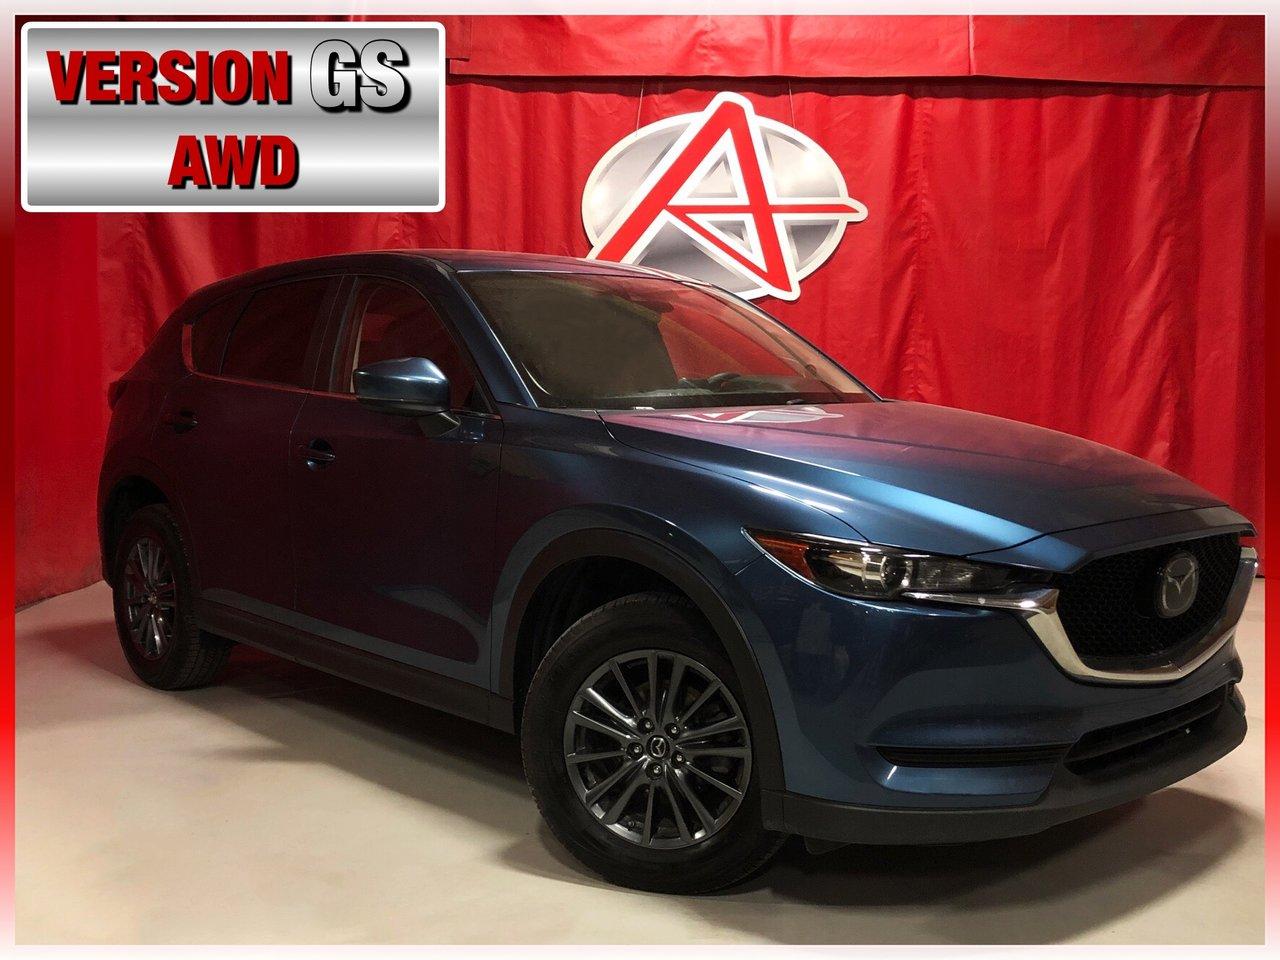 Mazda CX-5 2019 * VERSION GS * AWD *